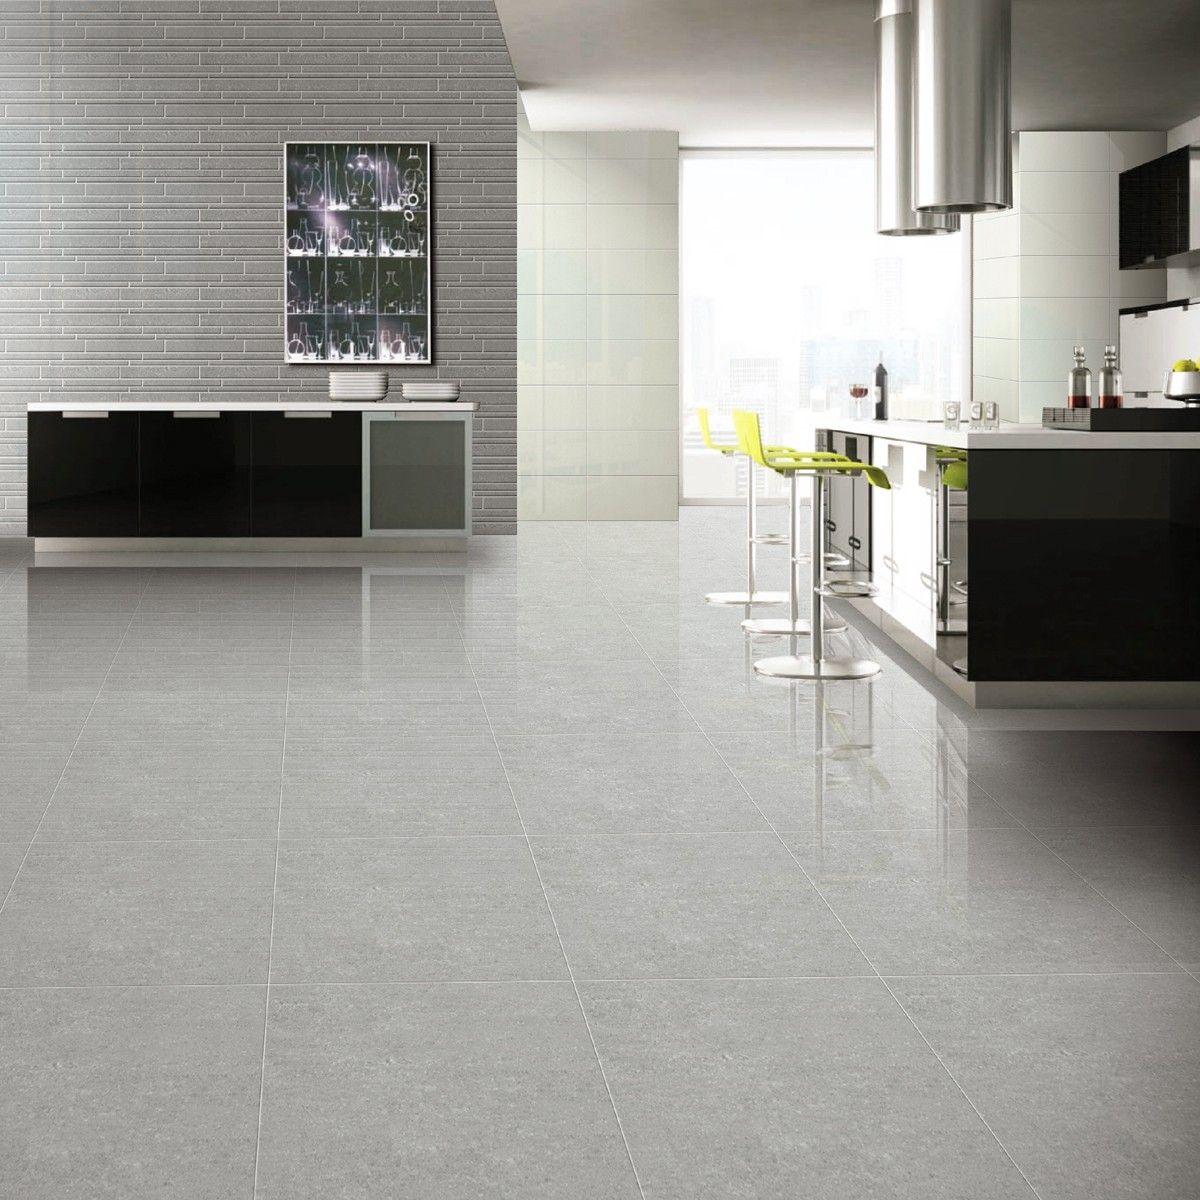 60x60 Super Polished Grey Porcelain Floor Tiles Tile